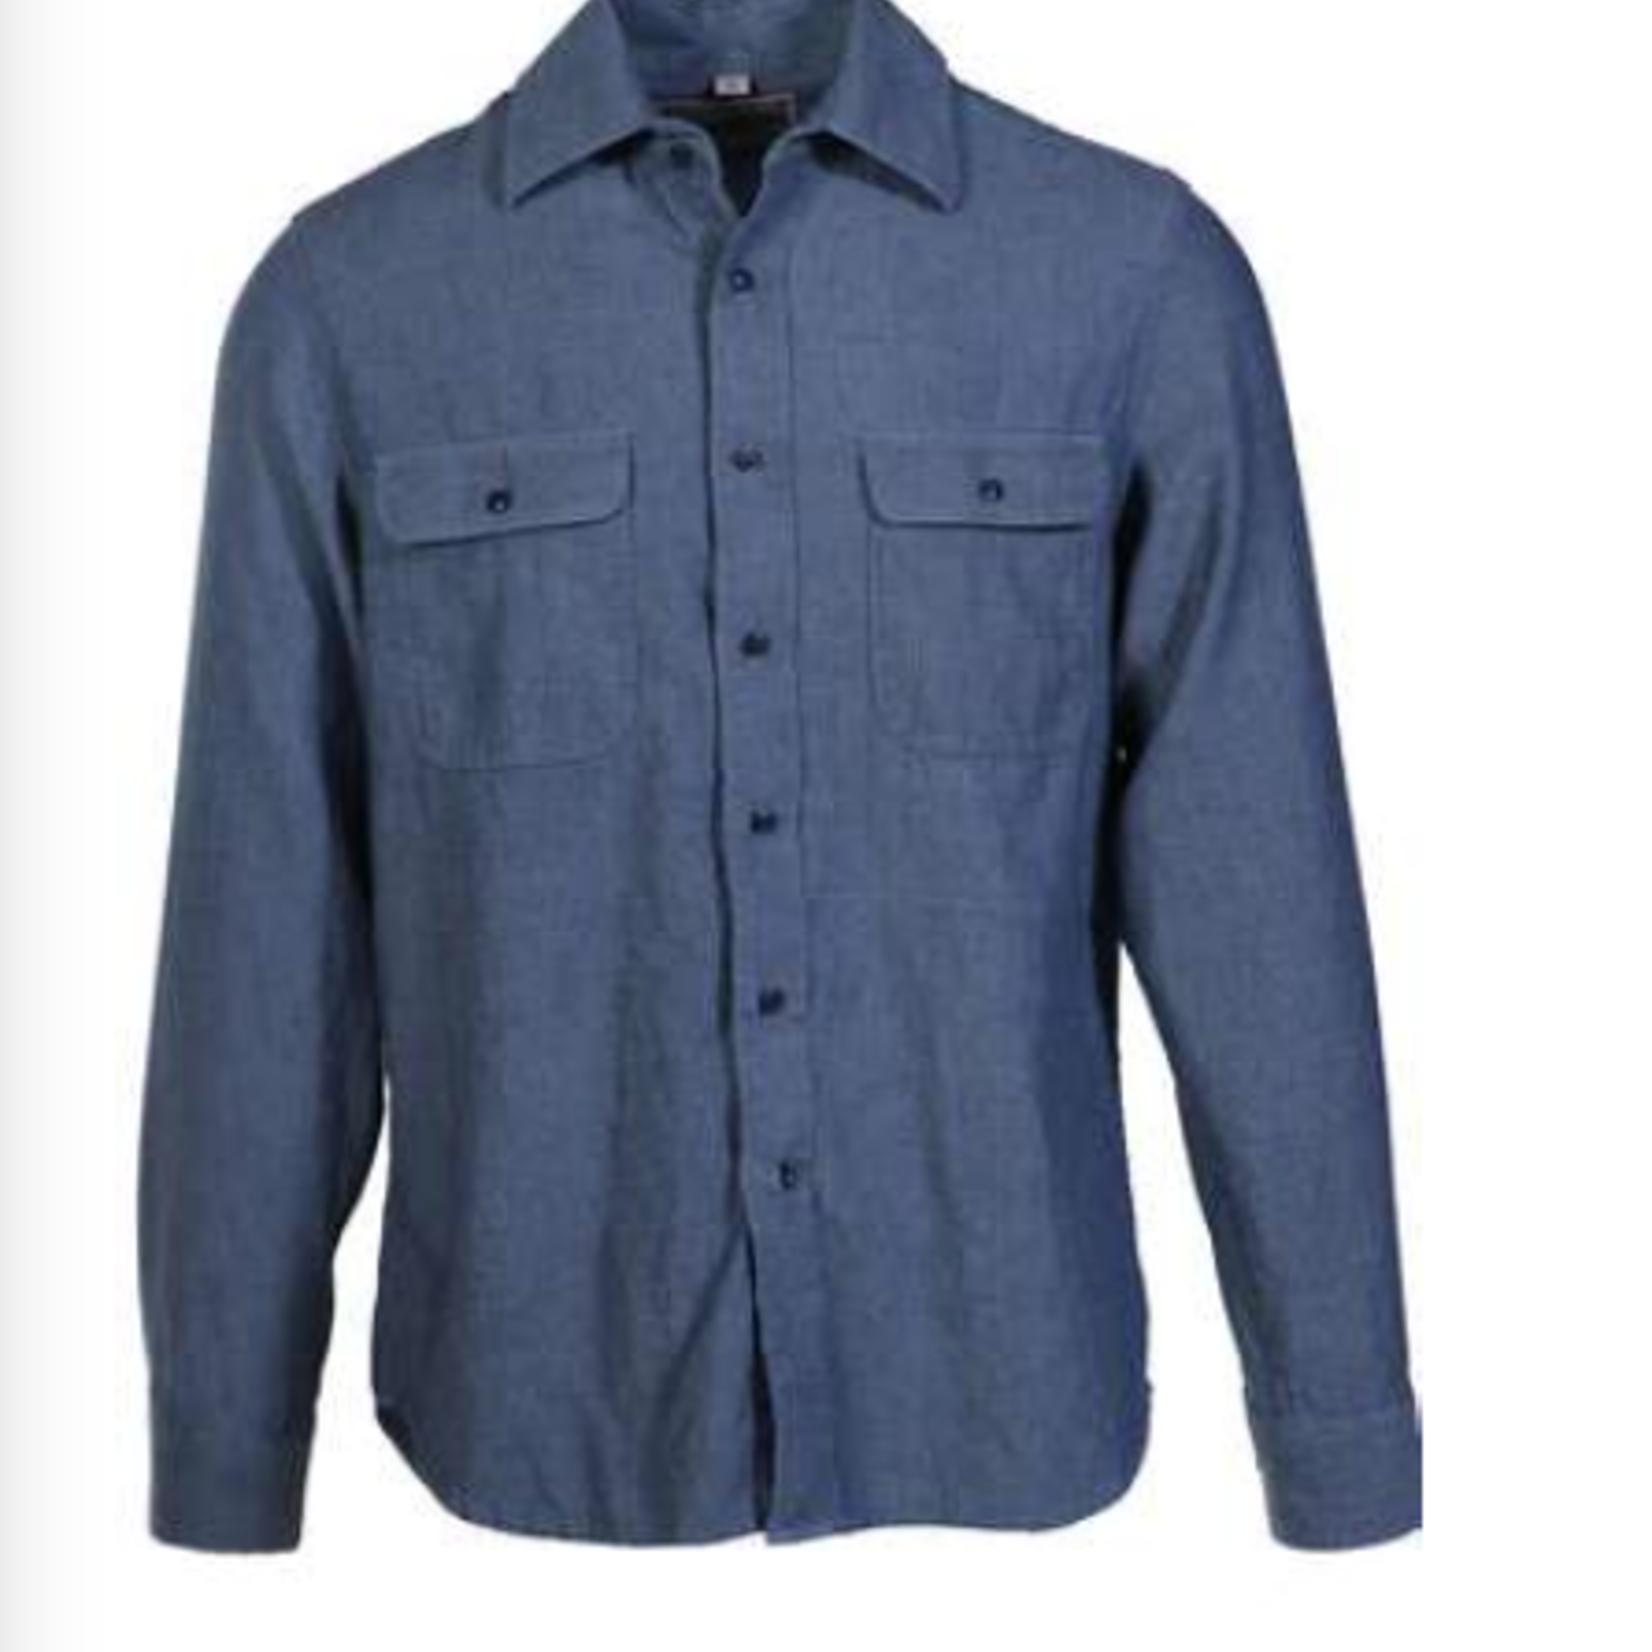 Schott Schott Washed Cotton Work Shirt